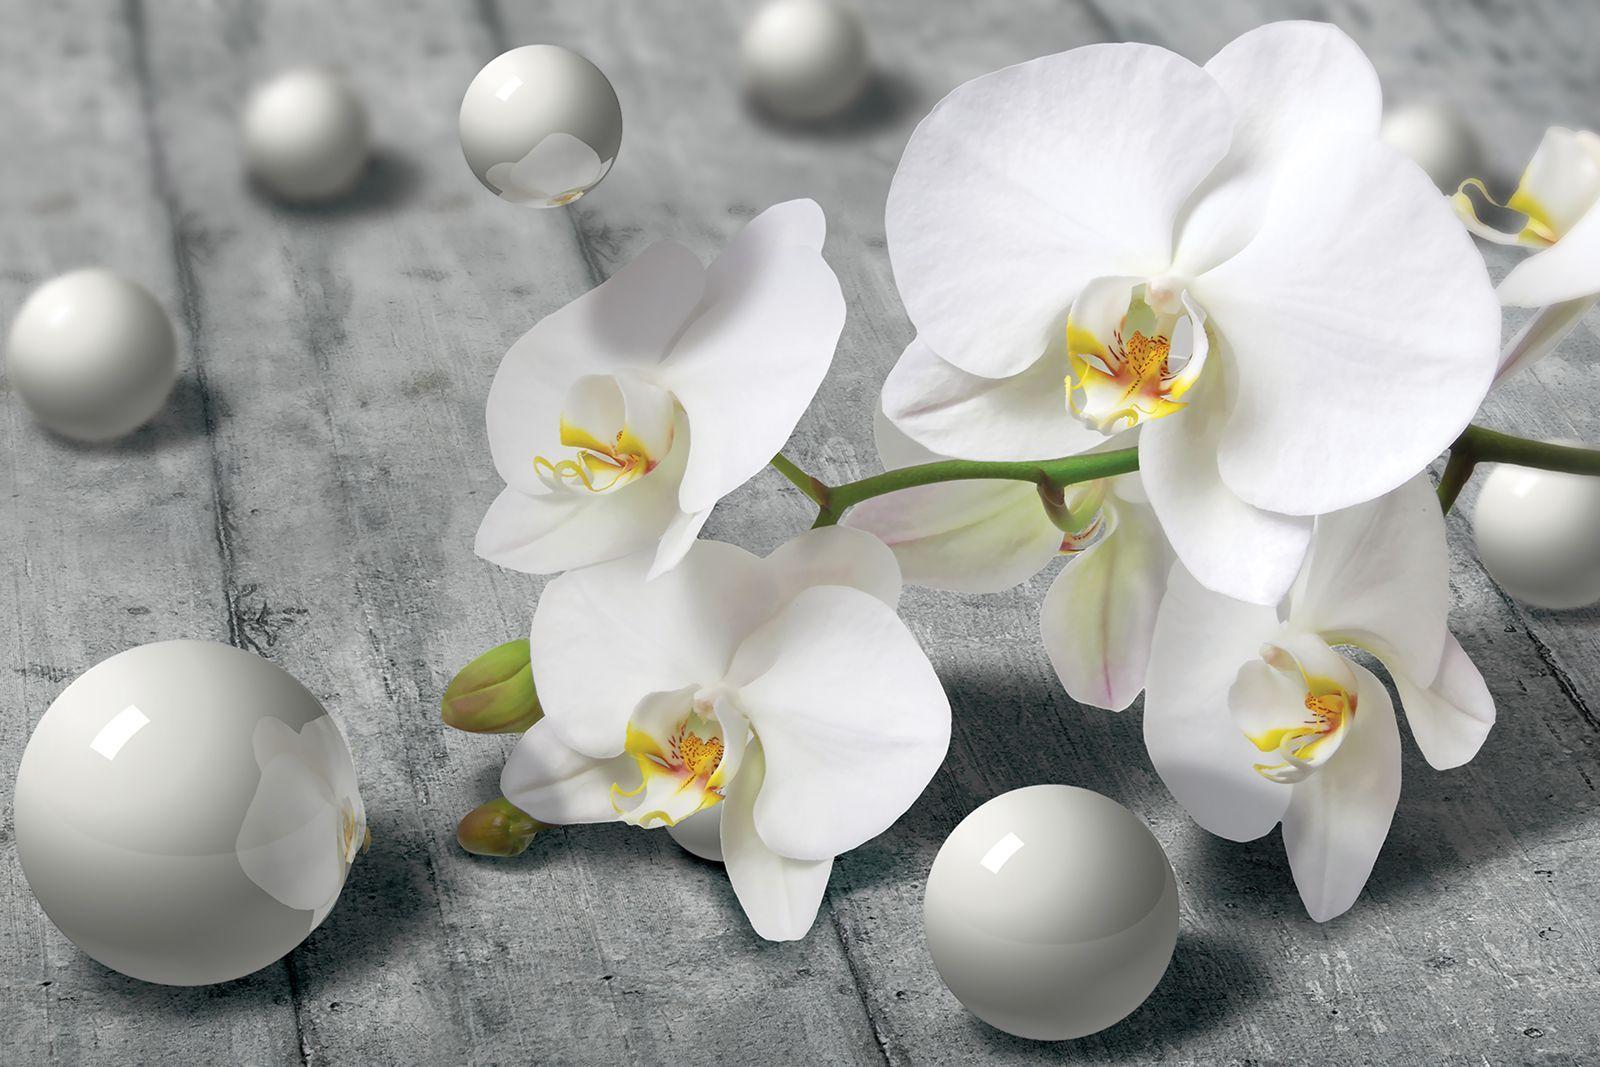 картинка белой орхидеи на сером фоне время